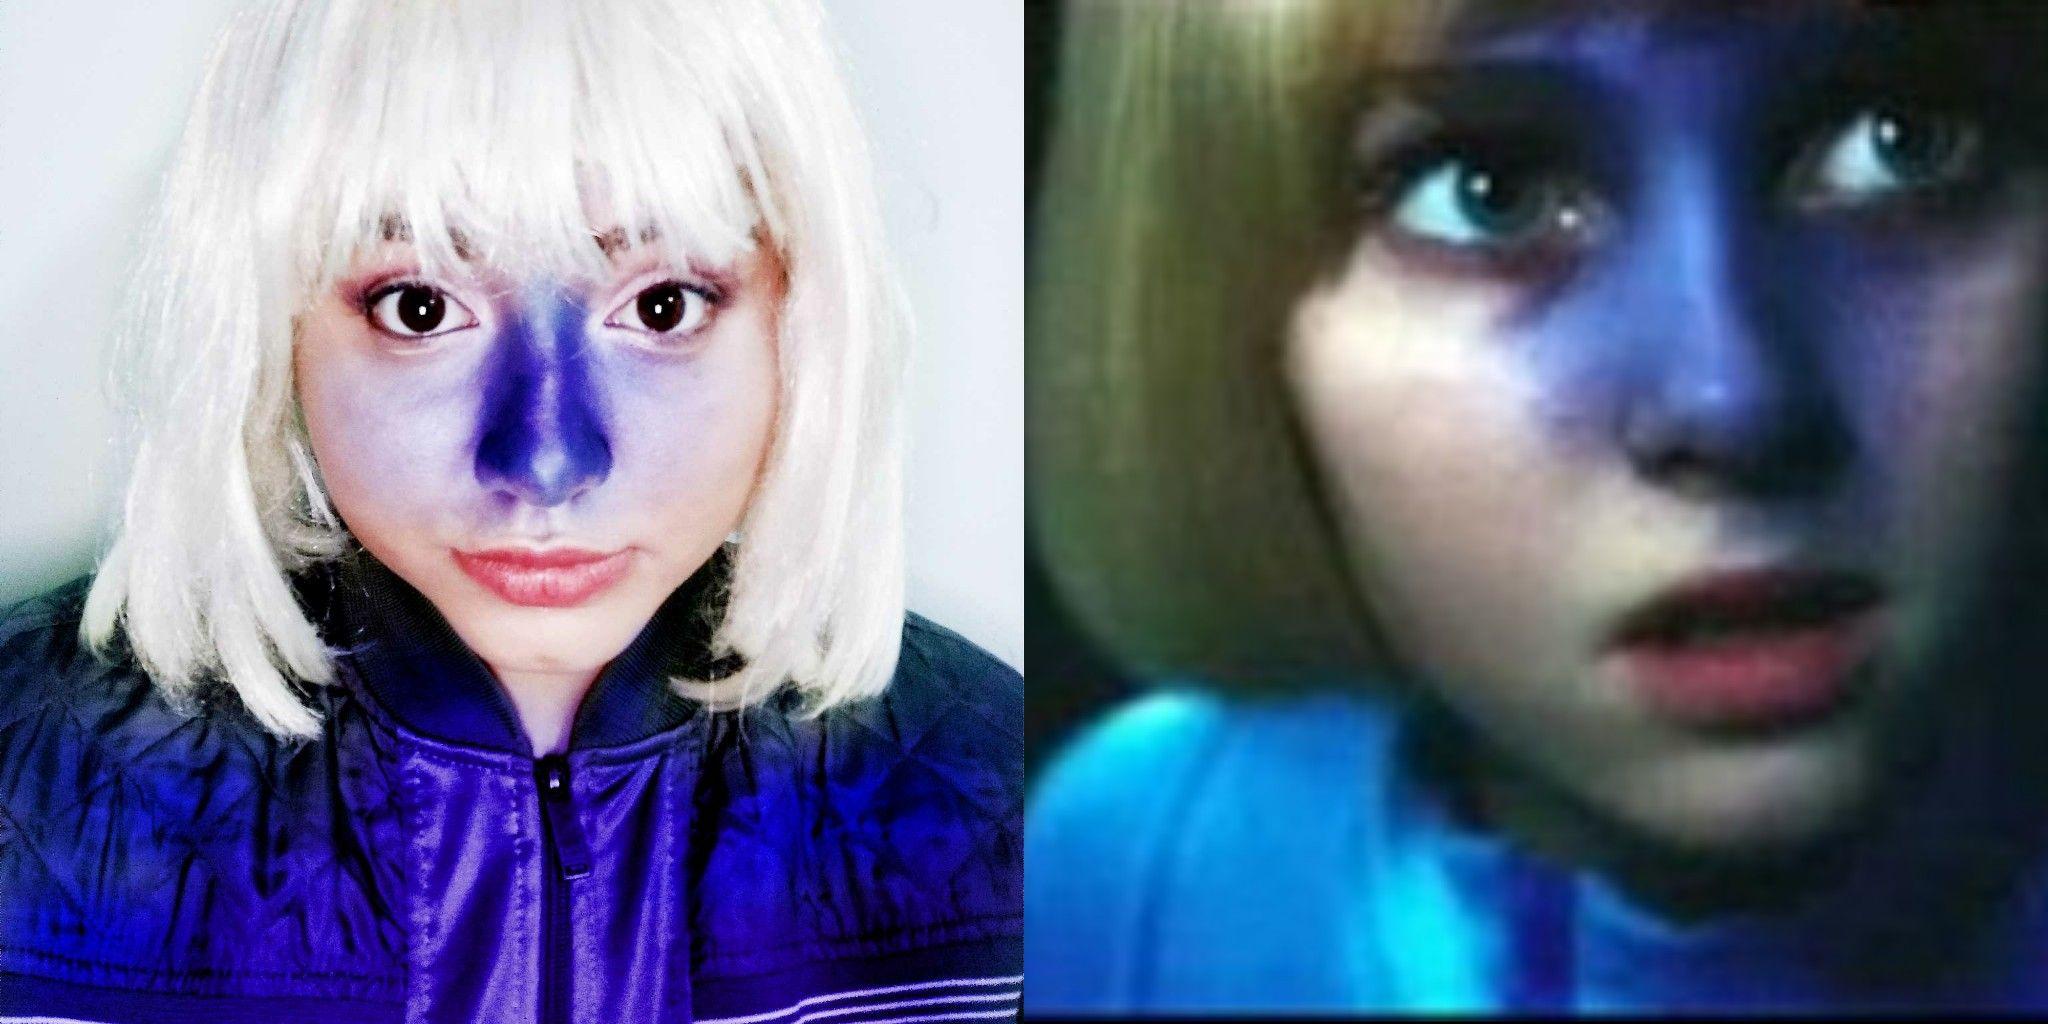 Makeup Cosplay A Fantastica Fabrica De Chocolate Violet Fantasia